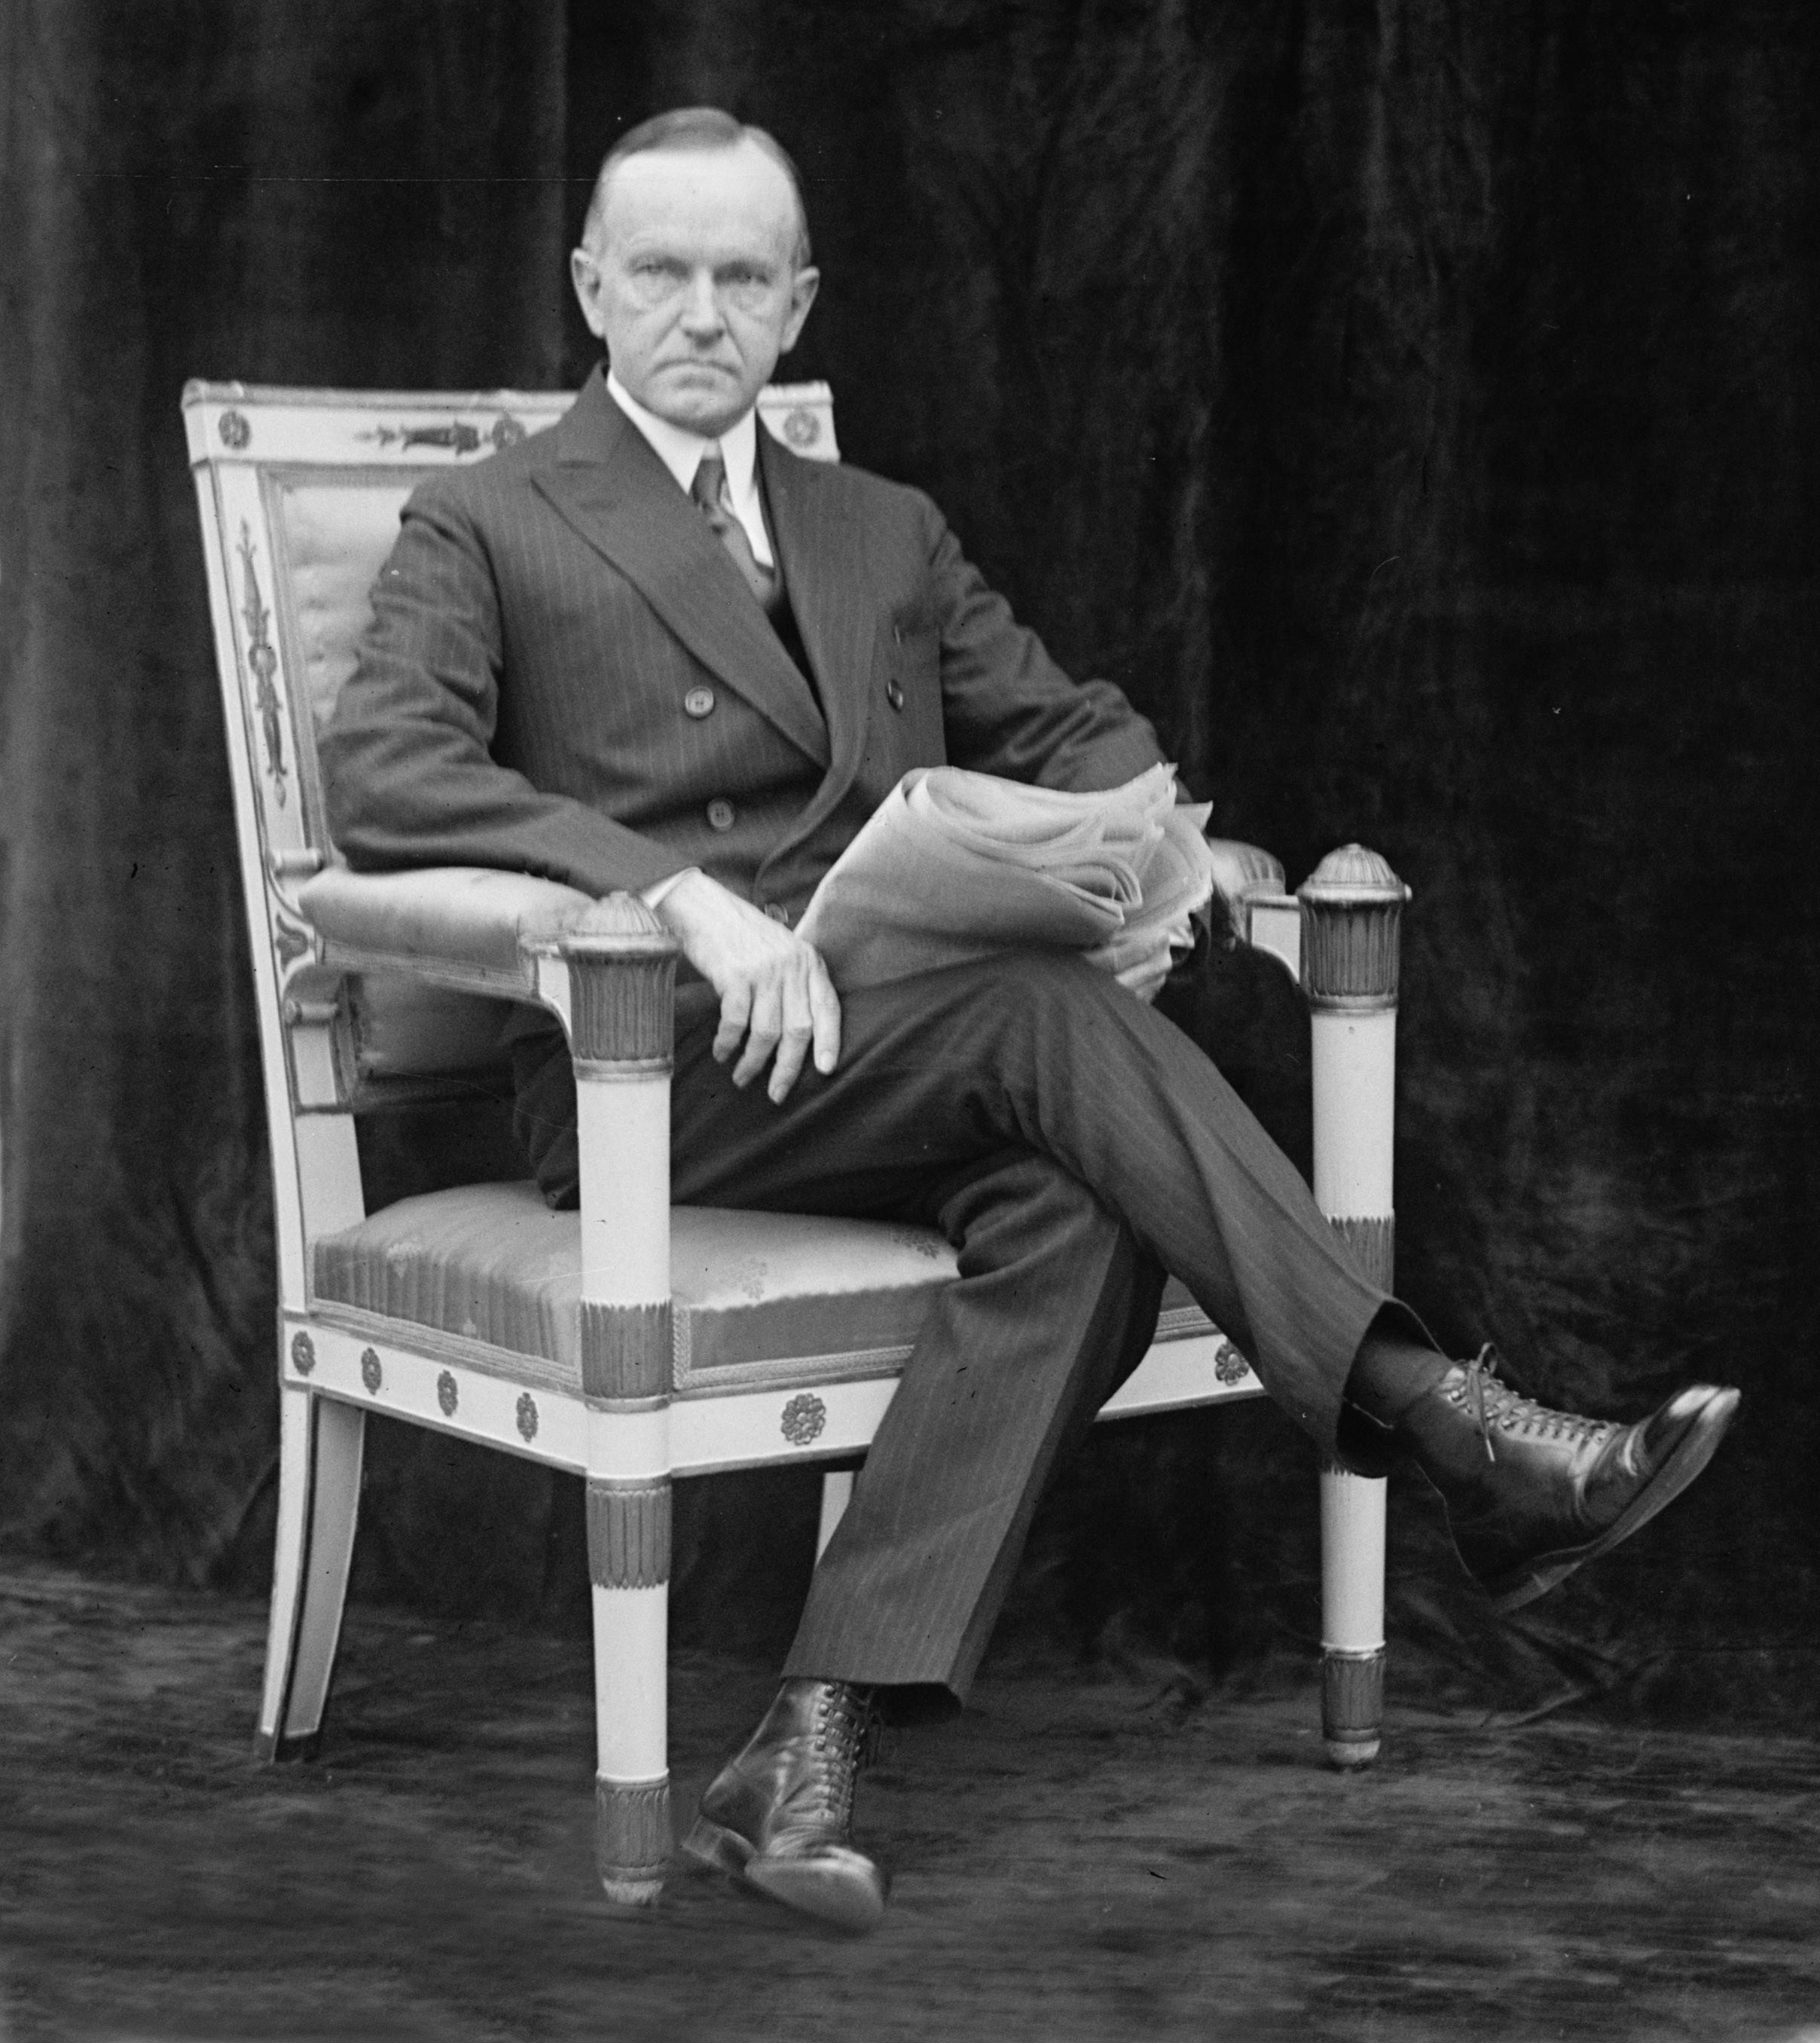 Former President Calvin Coolidge